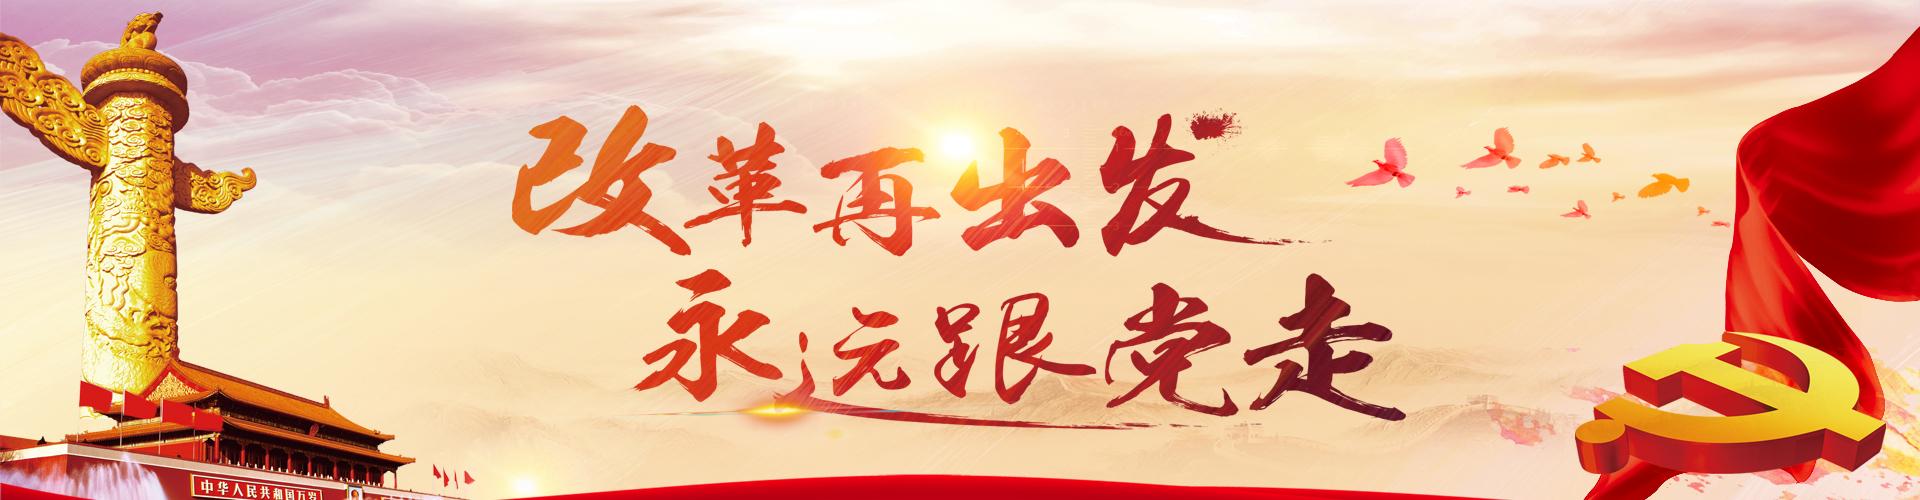 陕西省企业家协会党建专栏